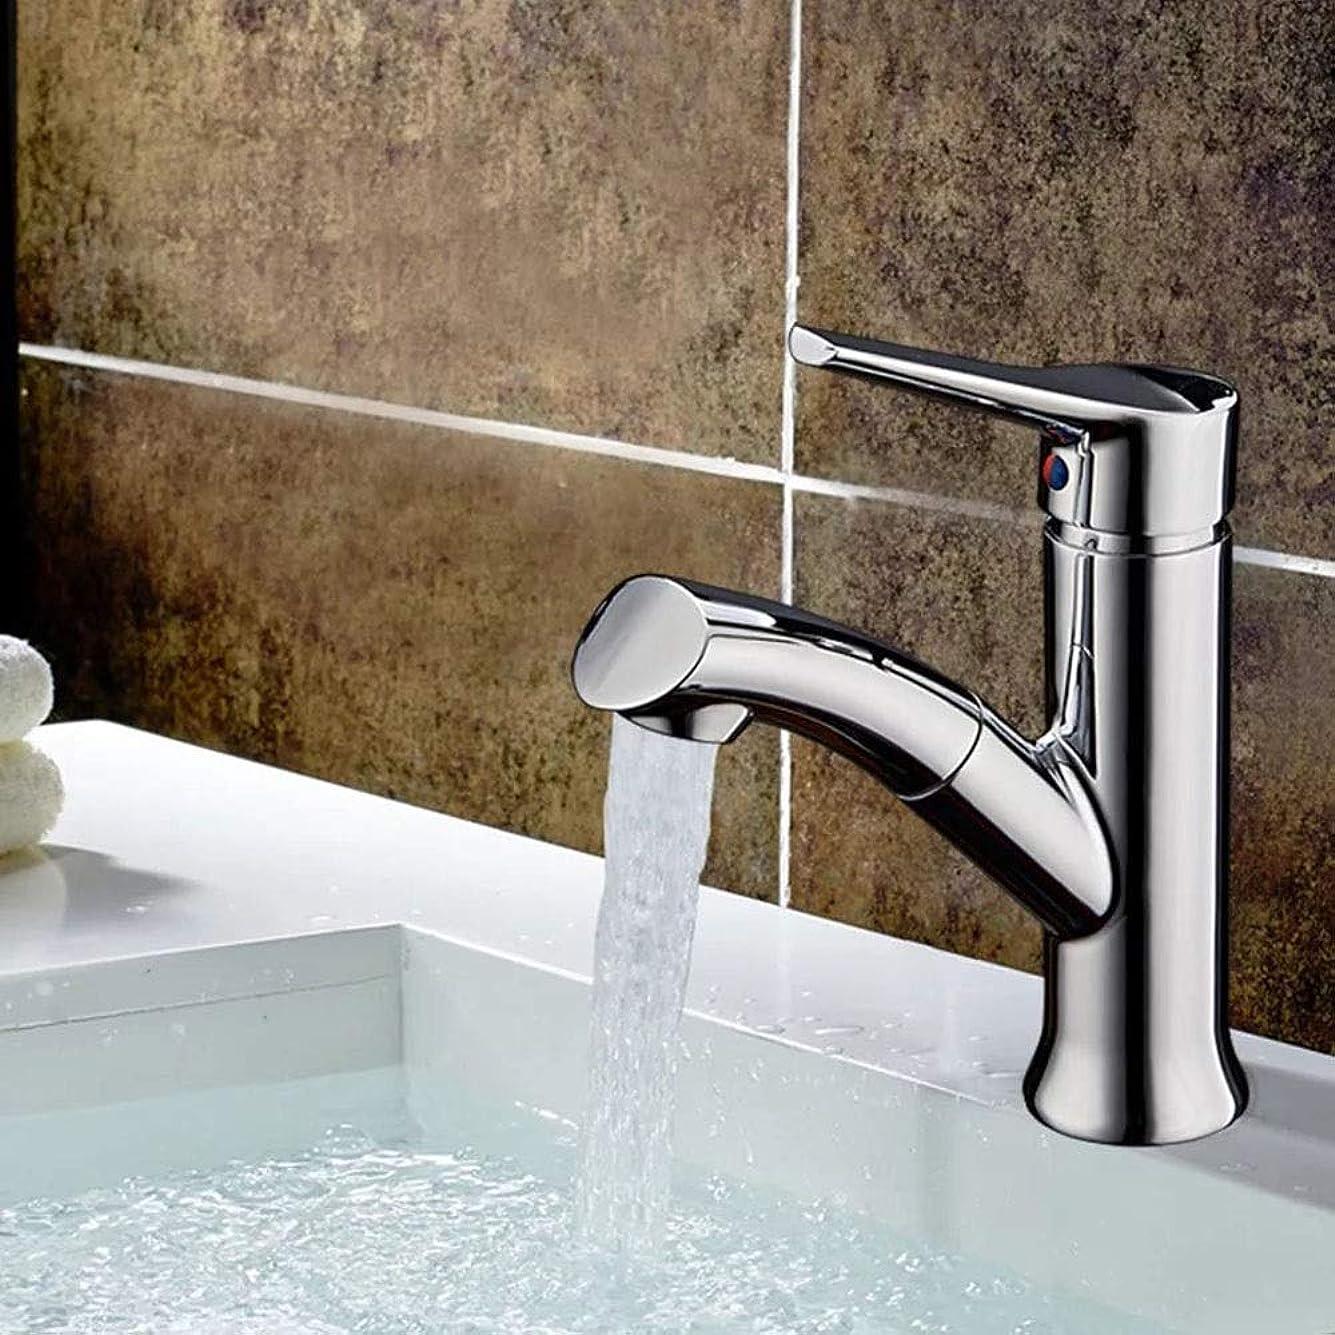 センター促す振る舞いZKS-KS 実用的な新しい銅の浴室キャビネット洗面単穴バース内閣ホットとコールドシングルプル蛇口美しいです